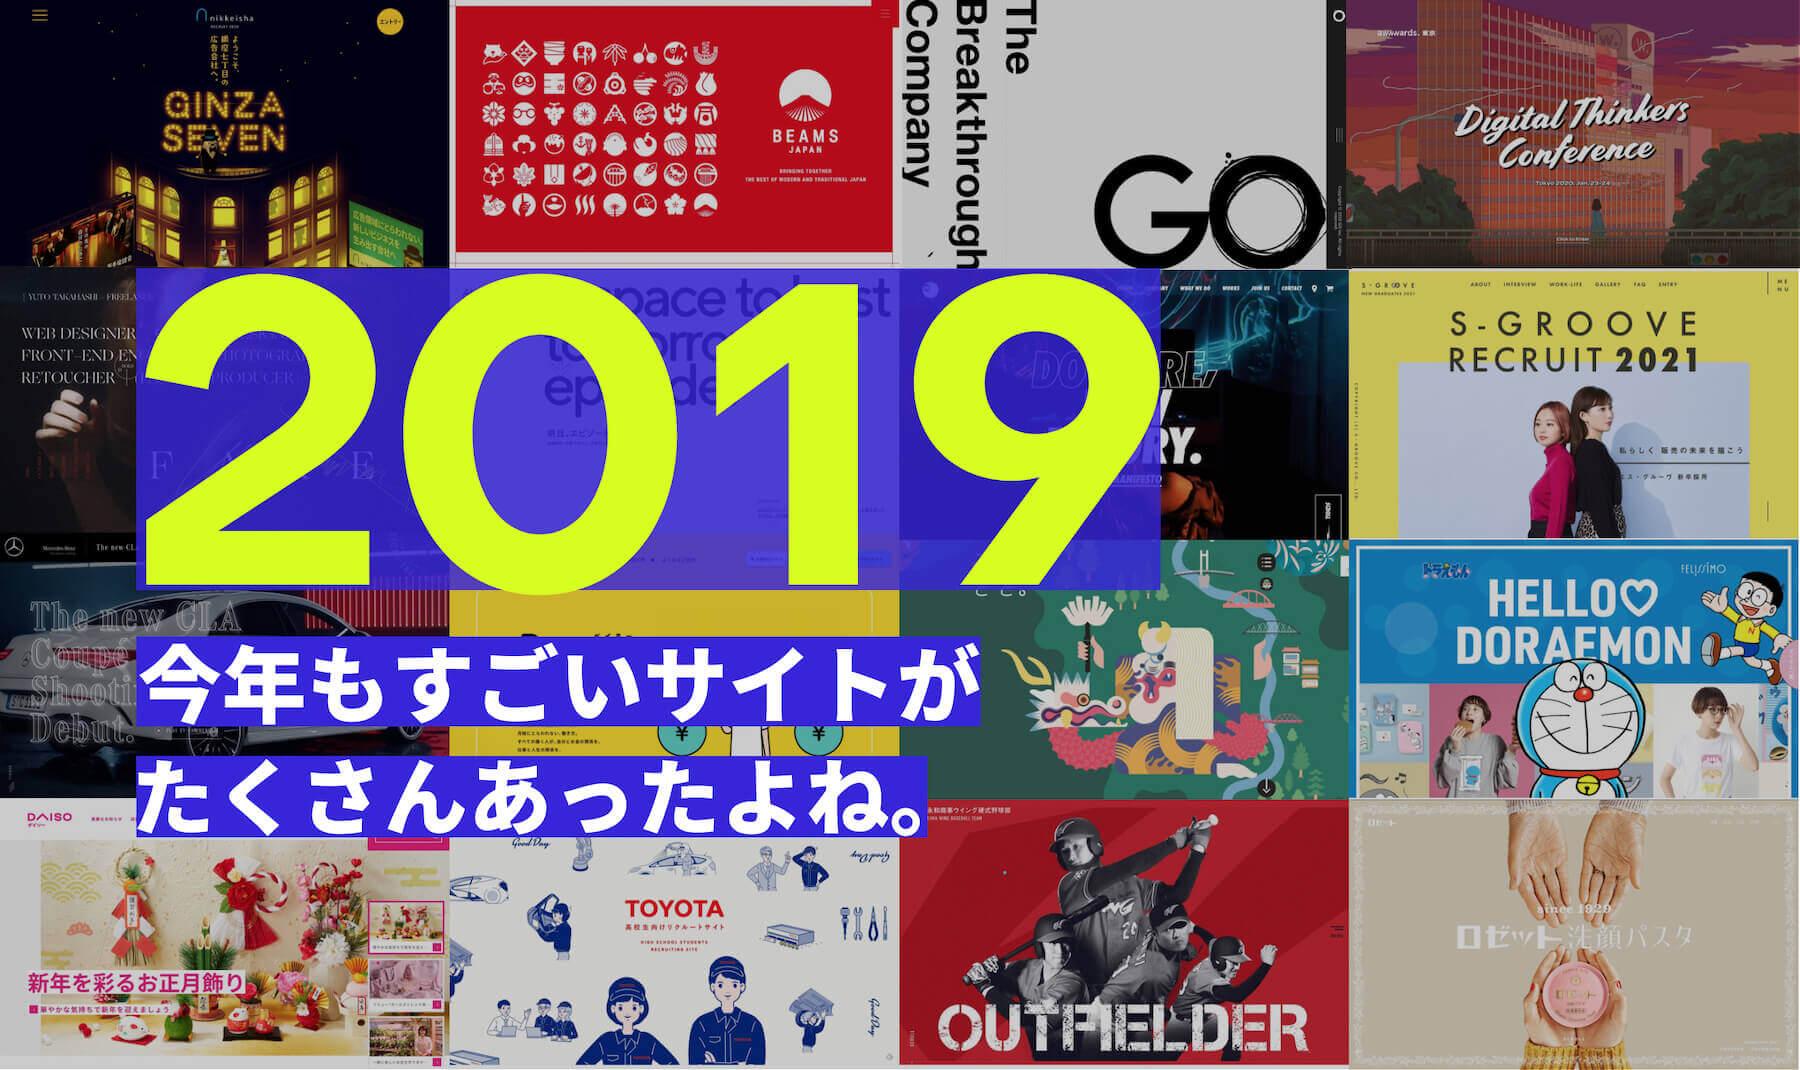 2019年にみたすごい国内サイト19作品